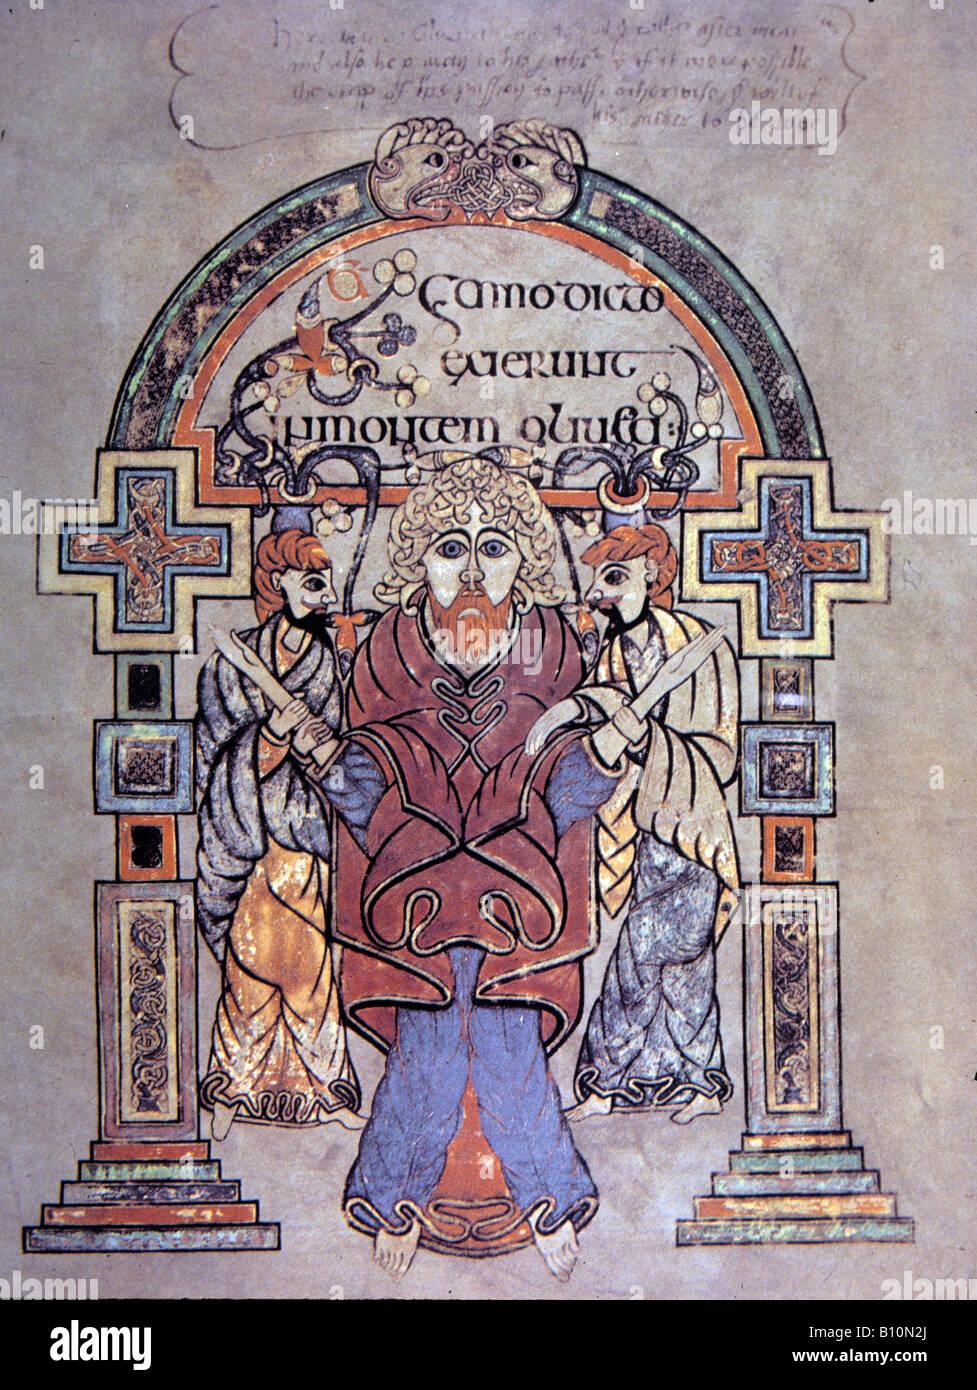 Buch von Kells 8 c der Verhaftung Christi Evangelium des hl. Matthäus Irland Stockbild